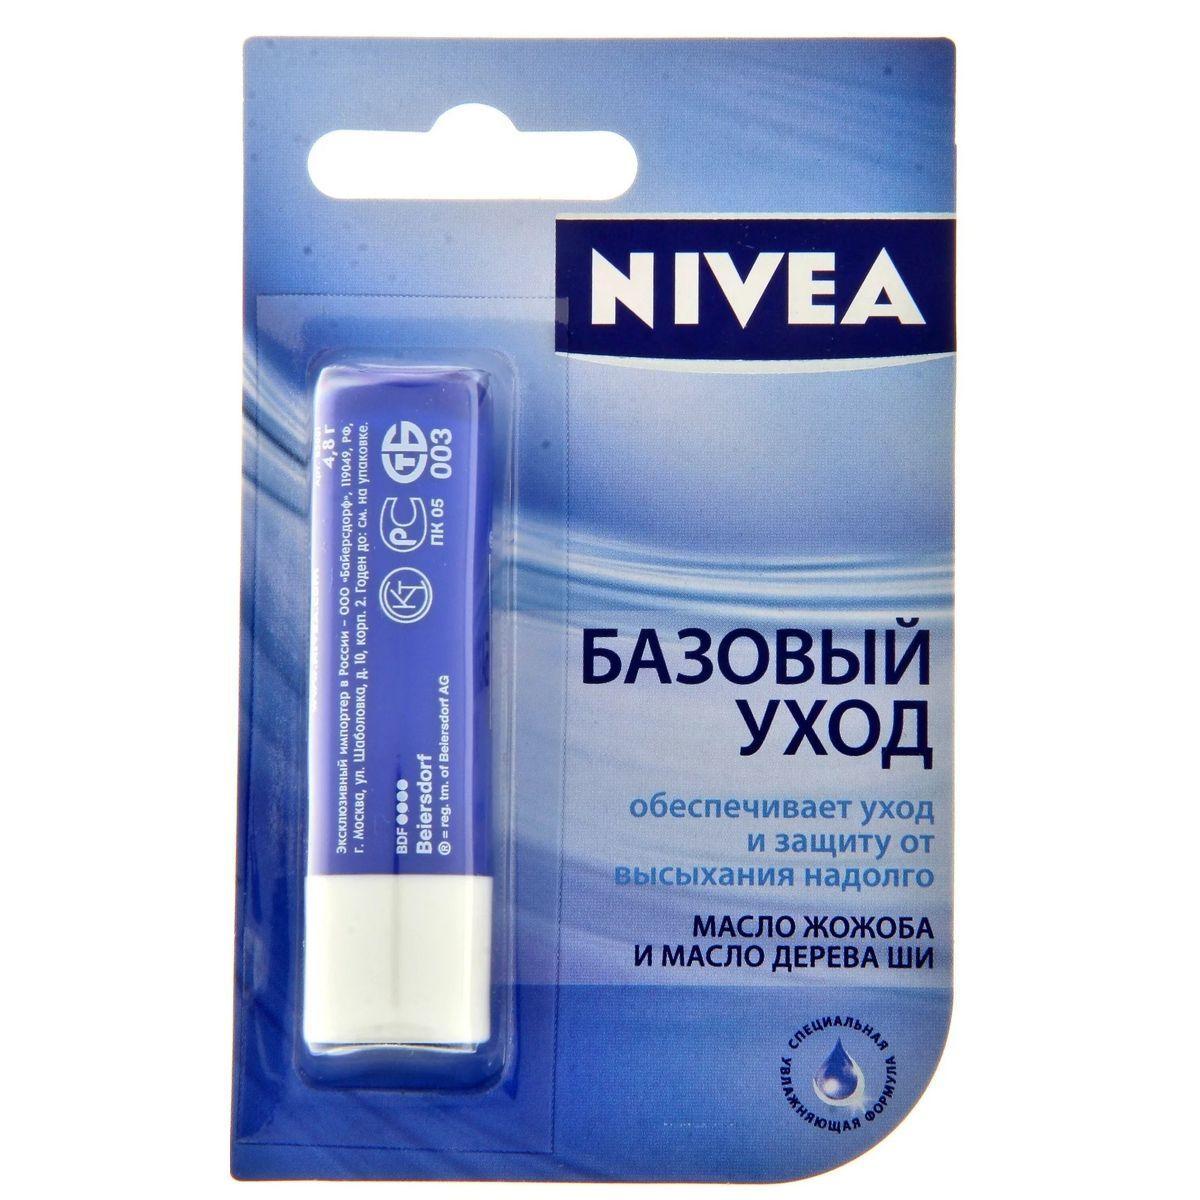 фото упаковки Nivea Бальзам для губ Базовый уход